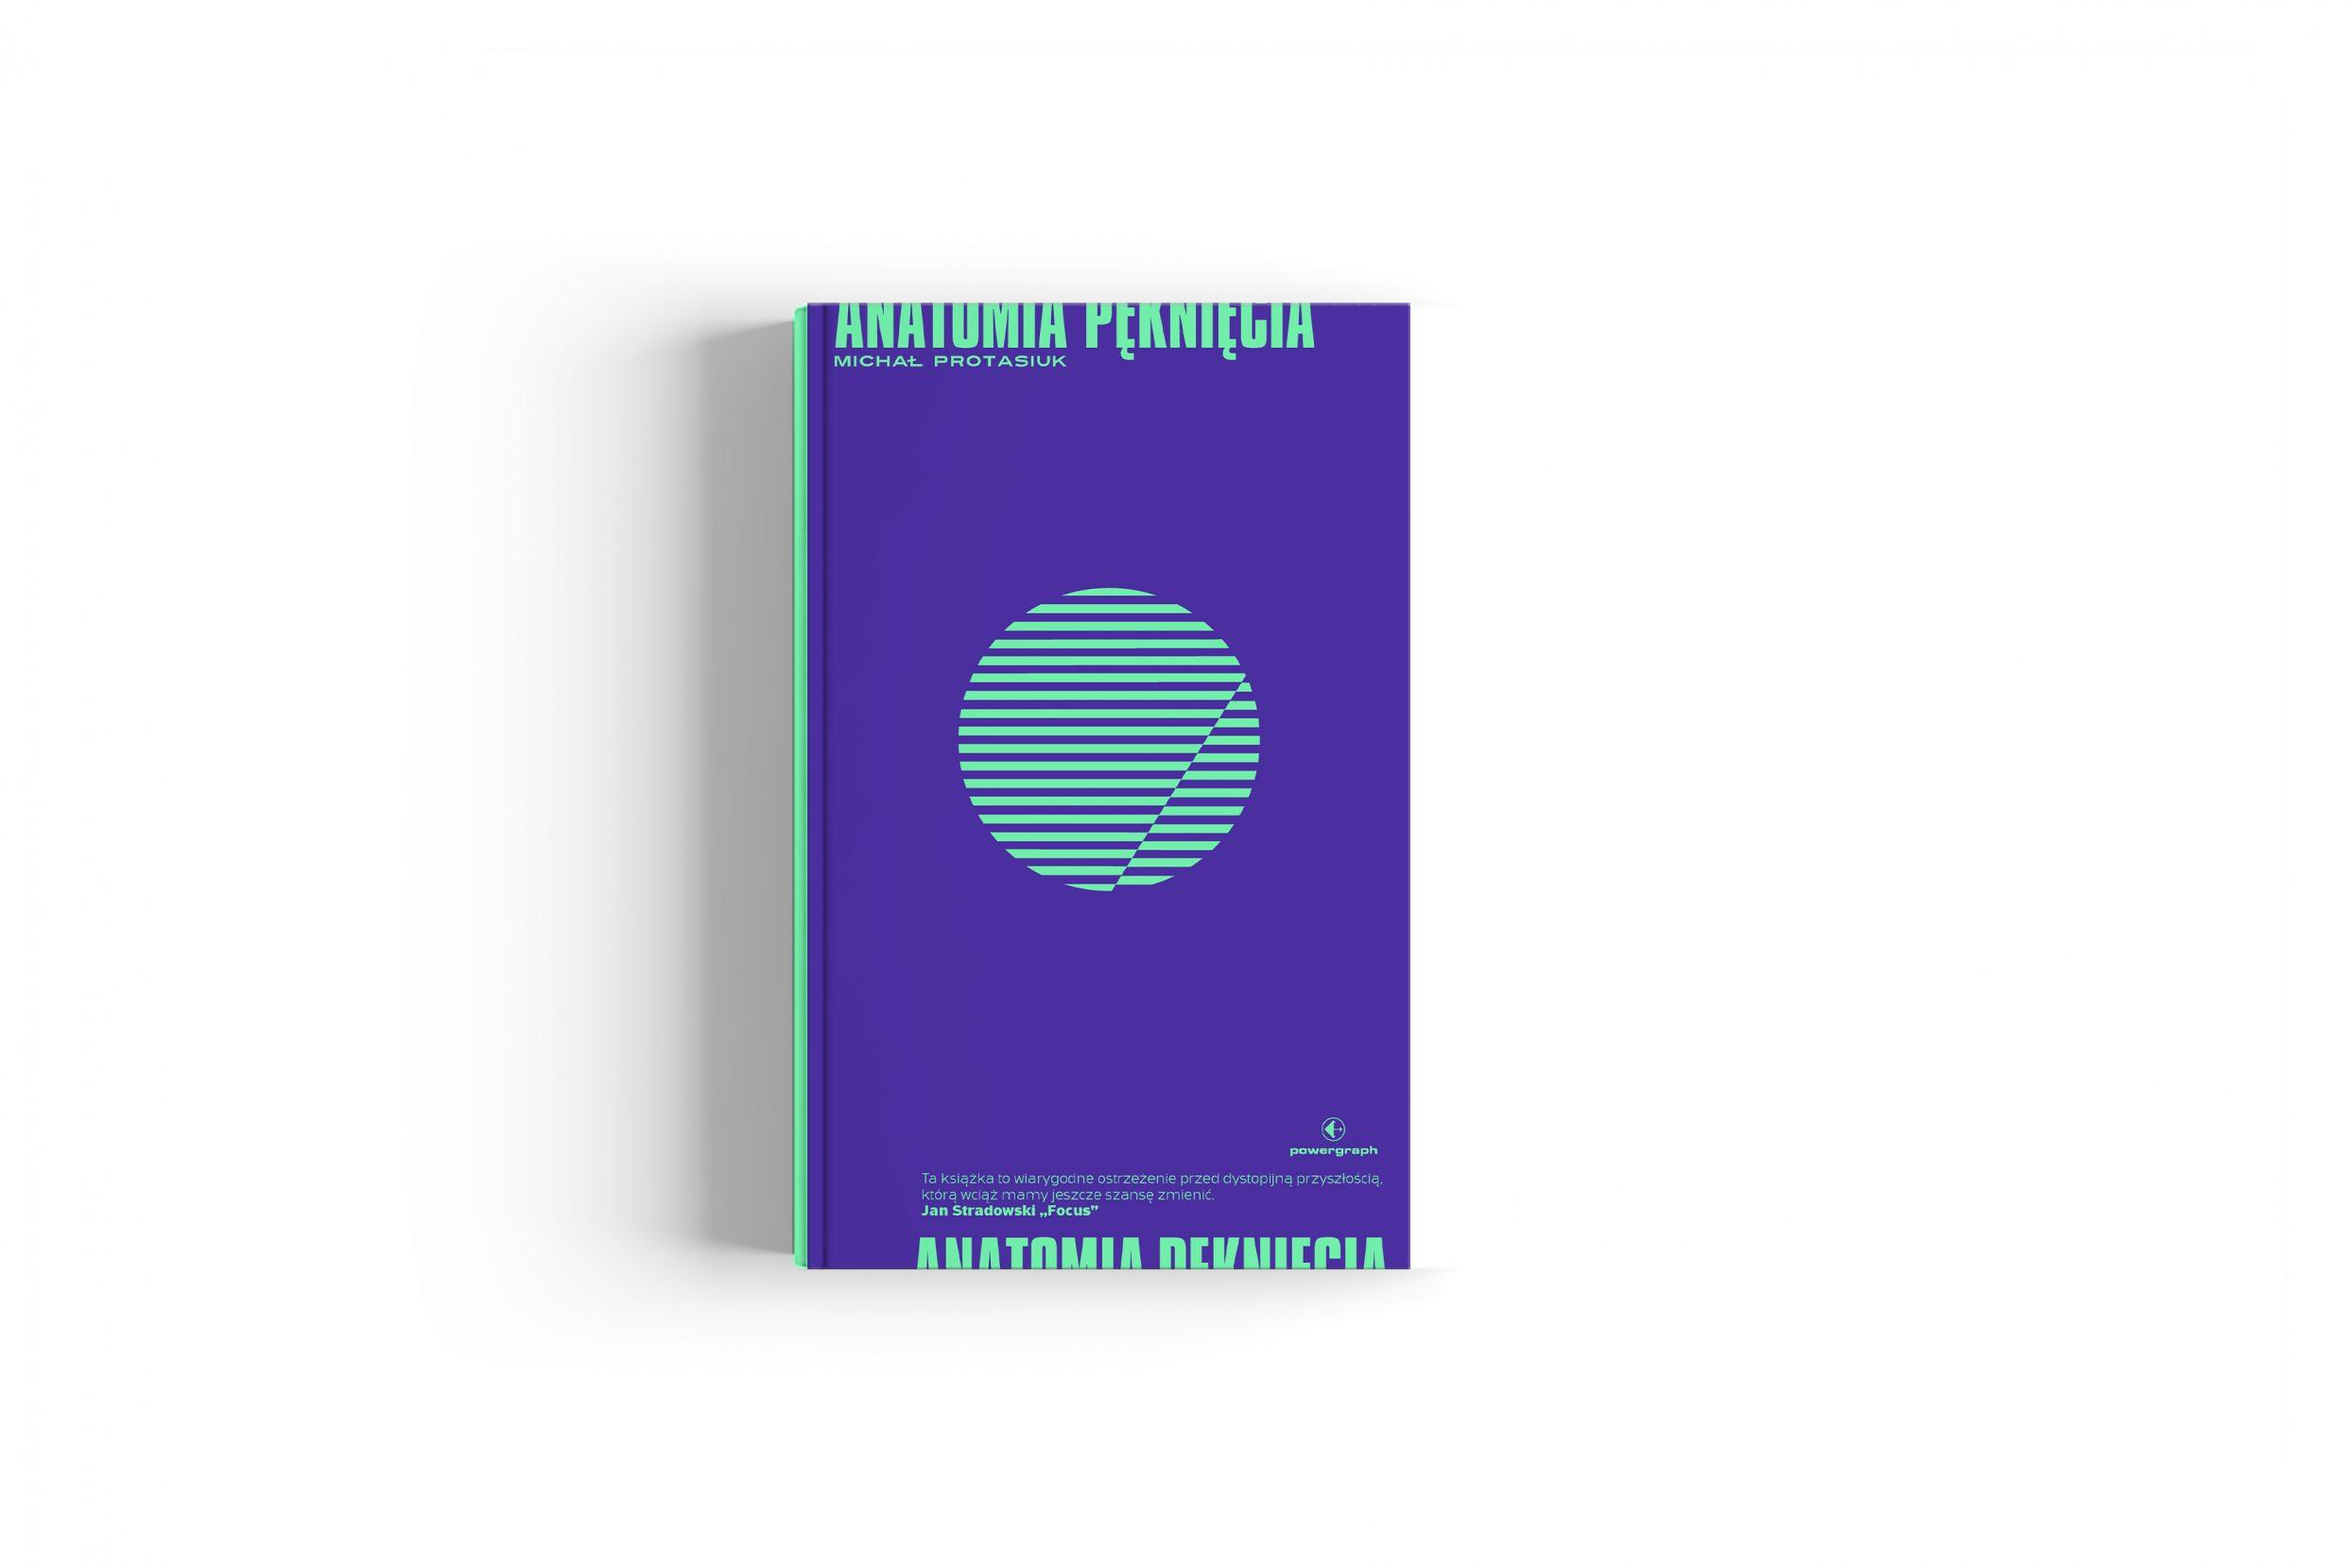 okładka książki, na fioletowym tle paski miętowe w kształcie koła oraz napis: Anatomia Pęknięcia, Michał Protasiuk